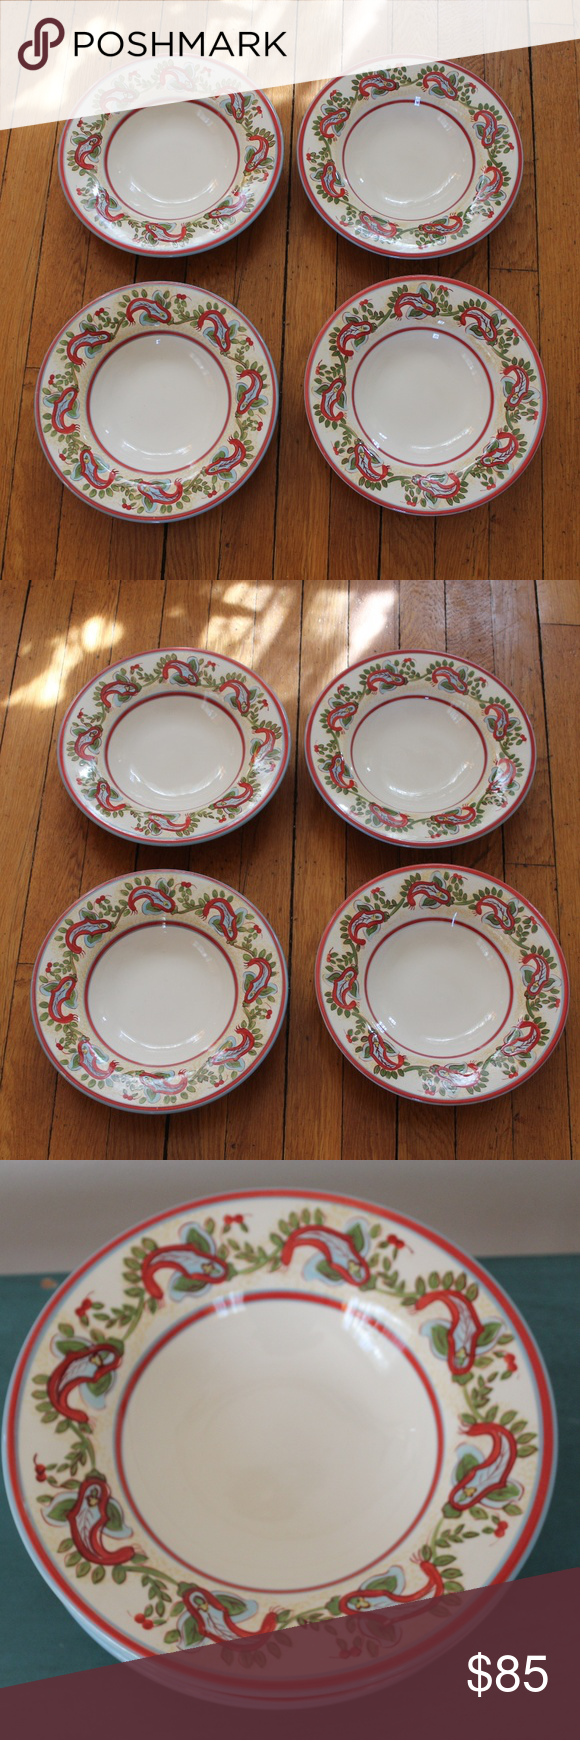 Set Of 4 Soup Pasta Bowls By Pottery Barn Pottery Barn